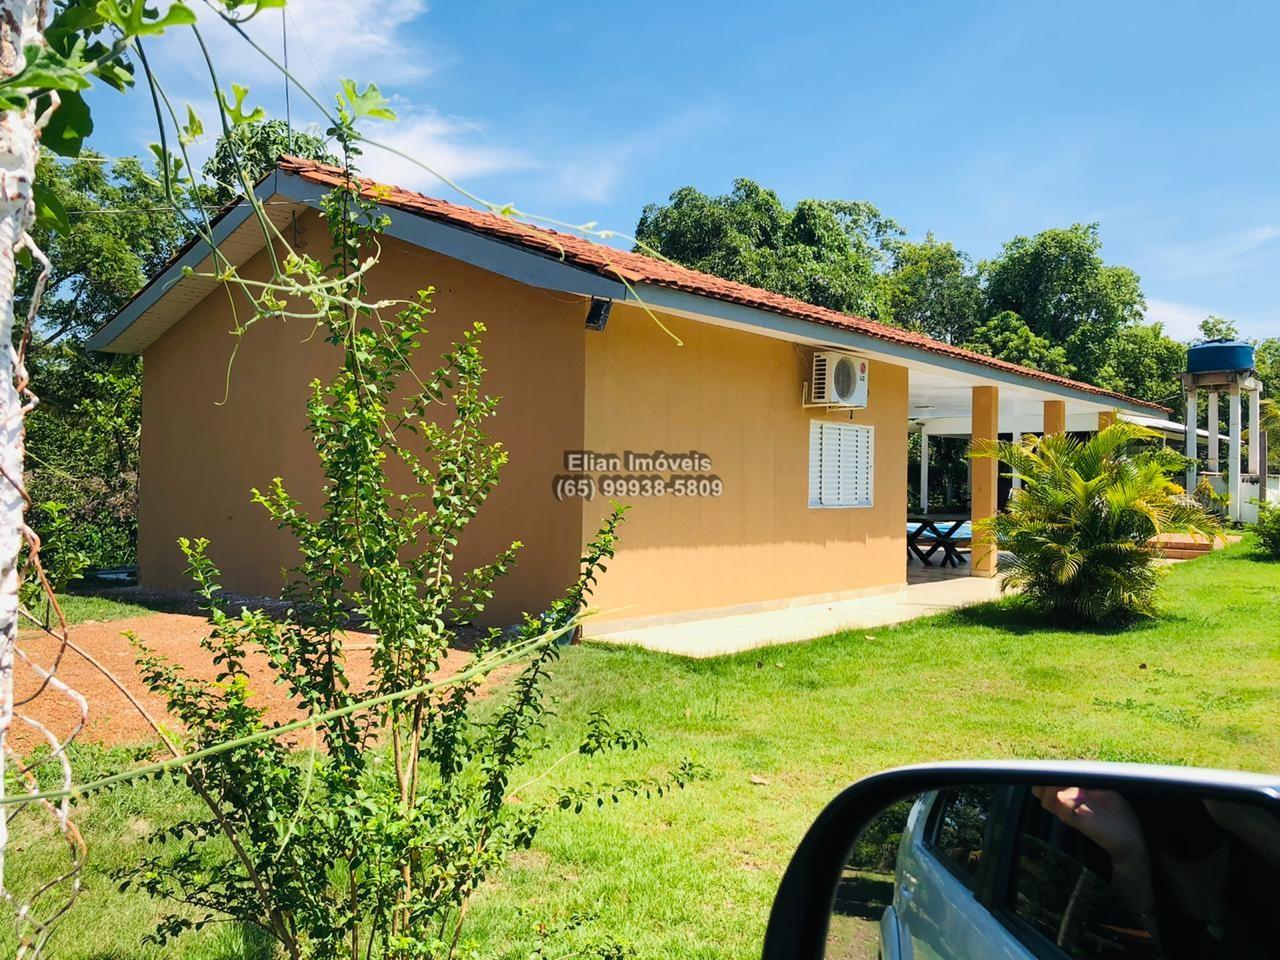 Chácara Sítio  com 2 quartos no Núcleo Habitacional Sucuri, Cuiabá  - MT